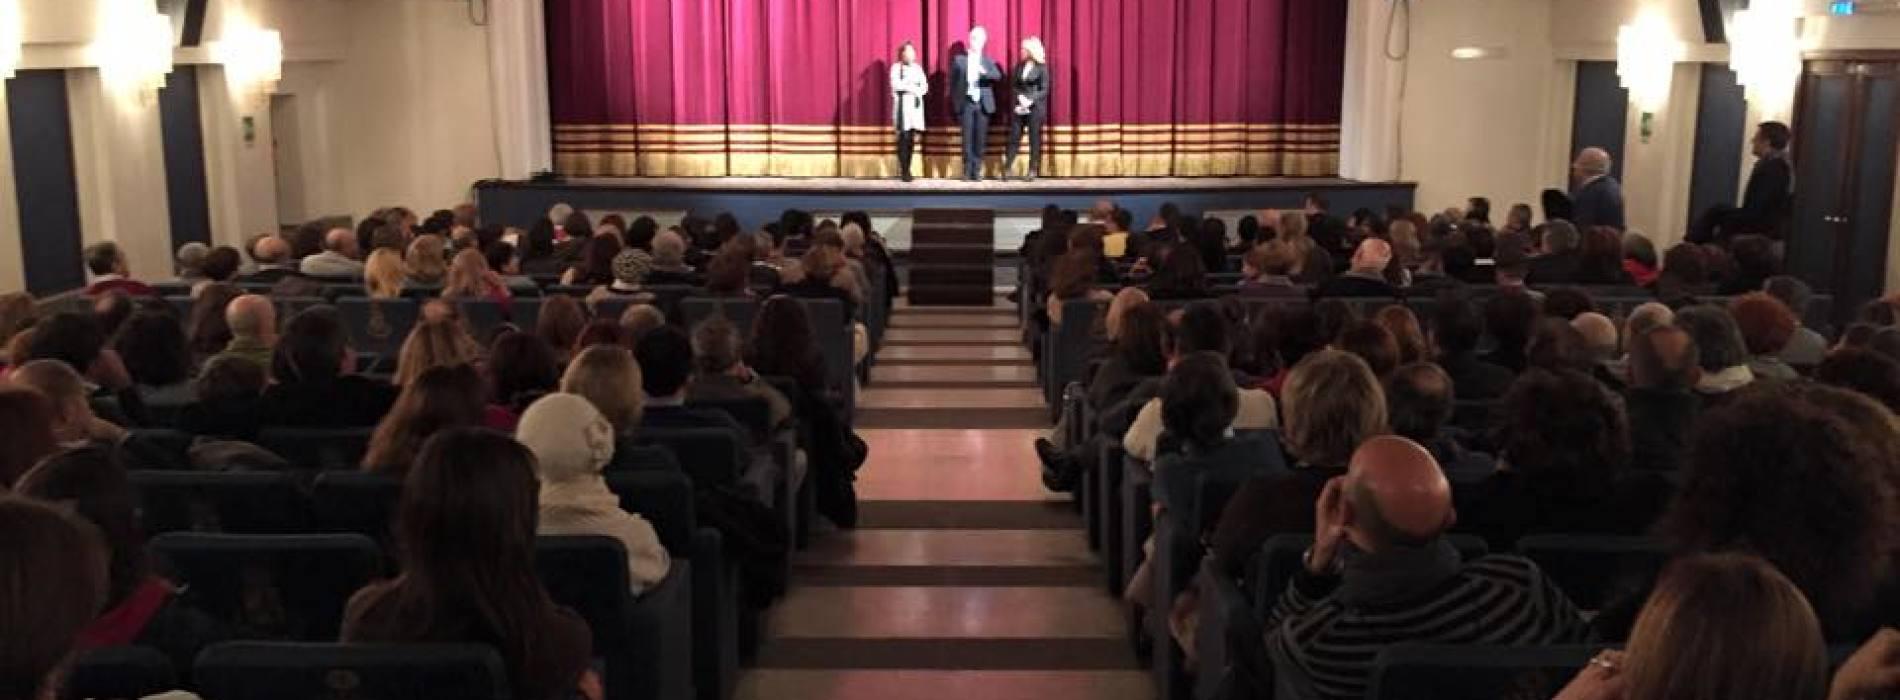 Il Balletto del Sud fa Salotto… a Teatro. Sabato l'incontro